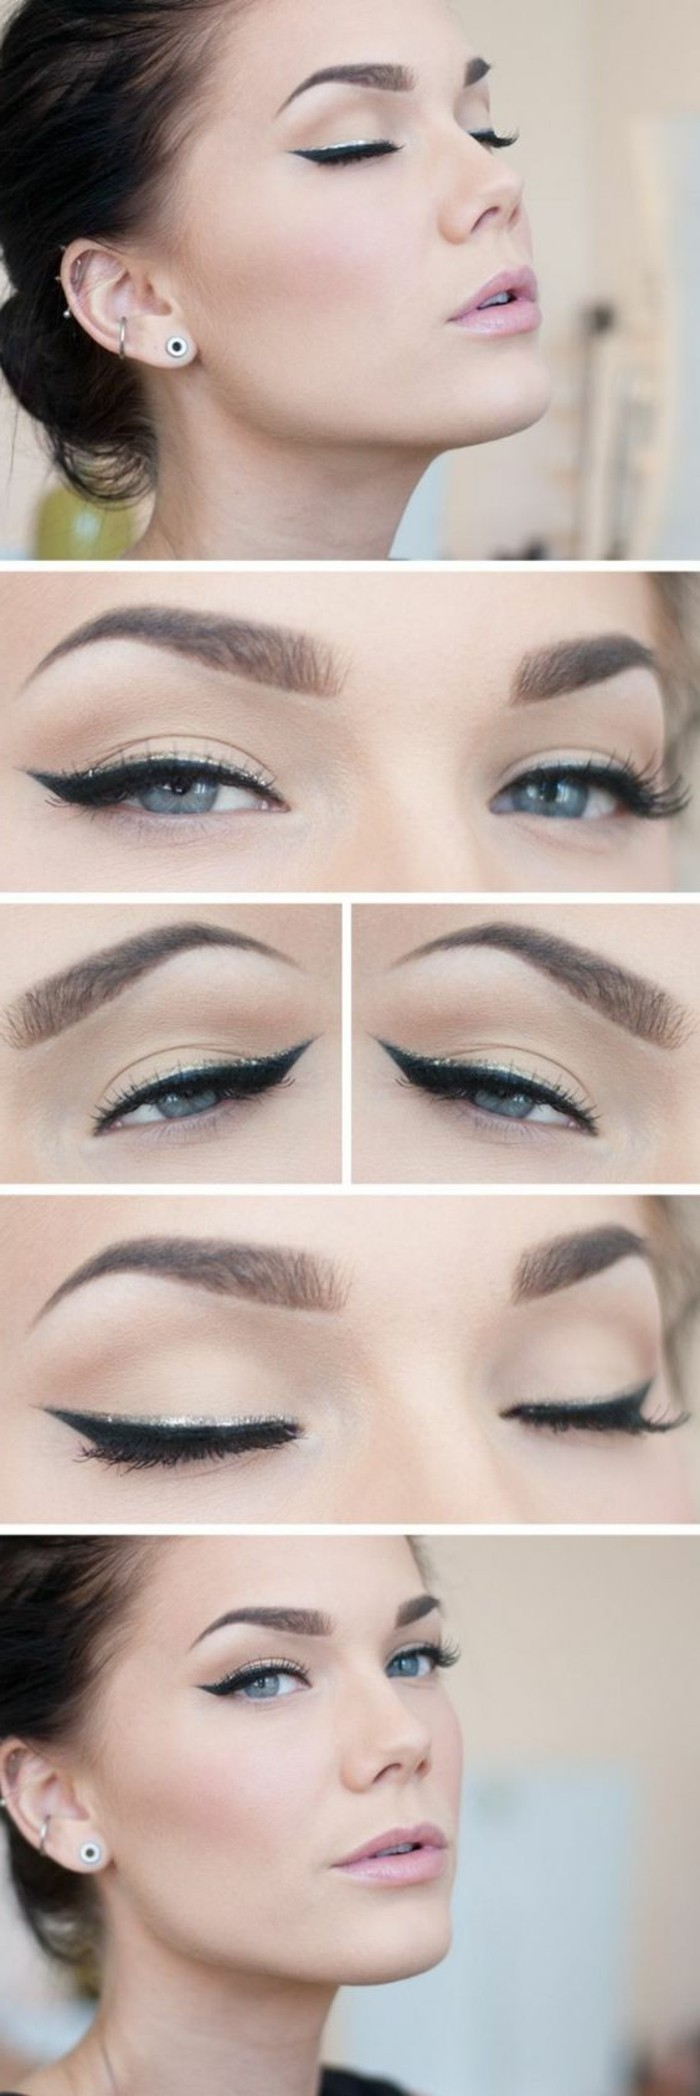 0-tecnique-de-maquillage-paupiere-yeux-de-chat-yeux-bleus